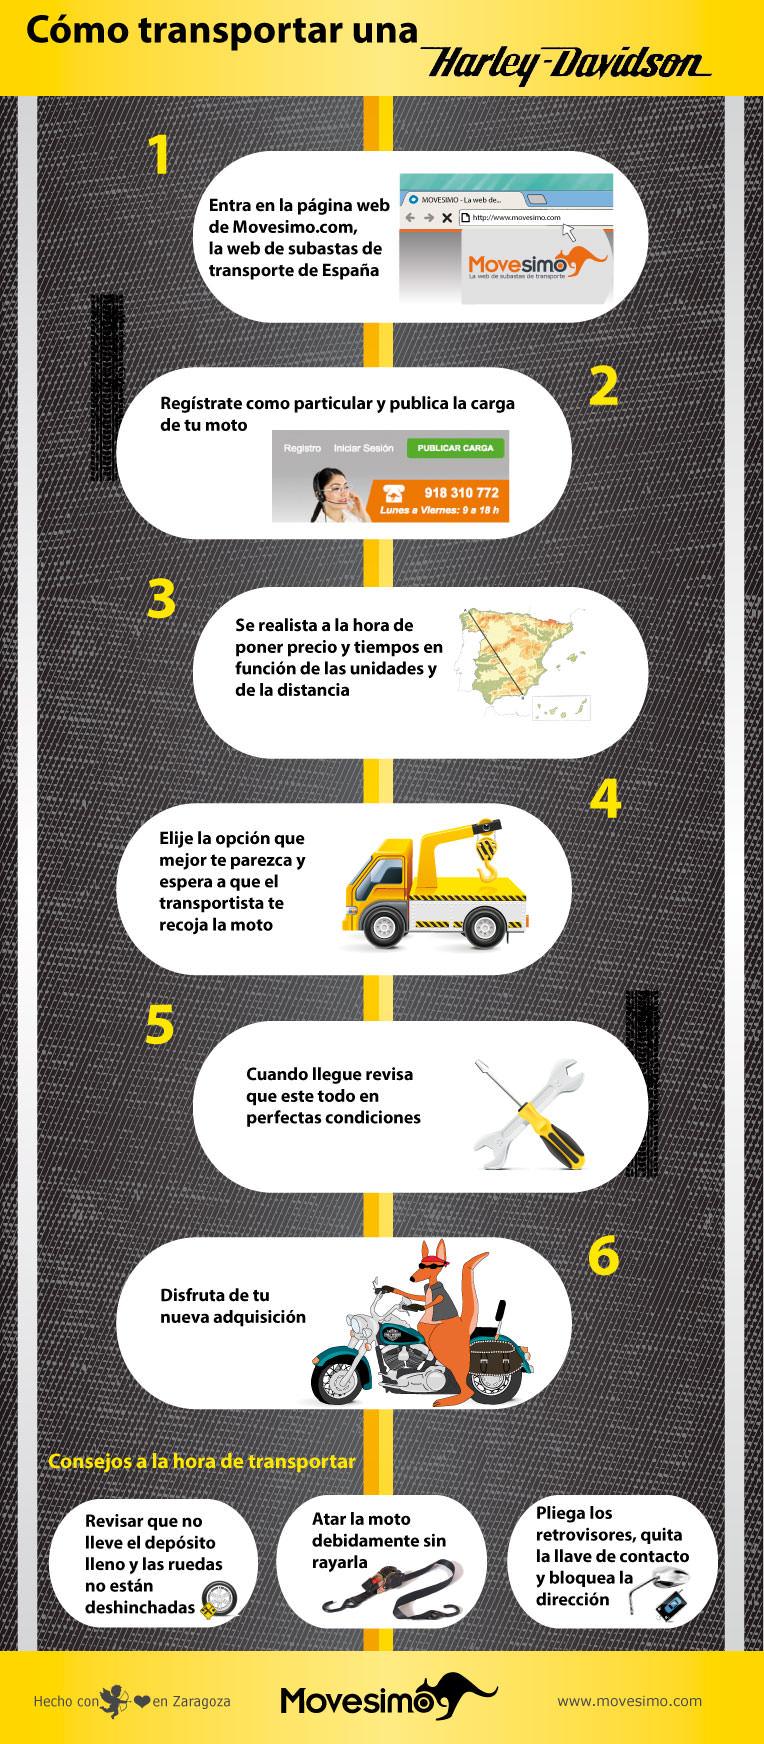 Aquí te explicamos como transportar una Harley-Davidson